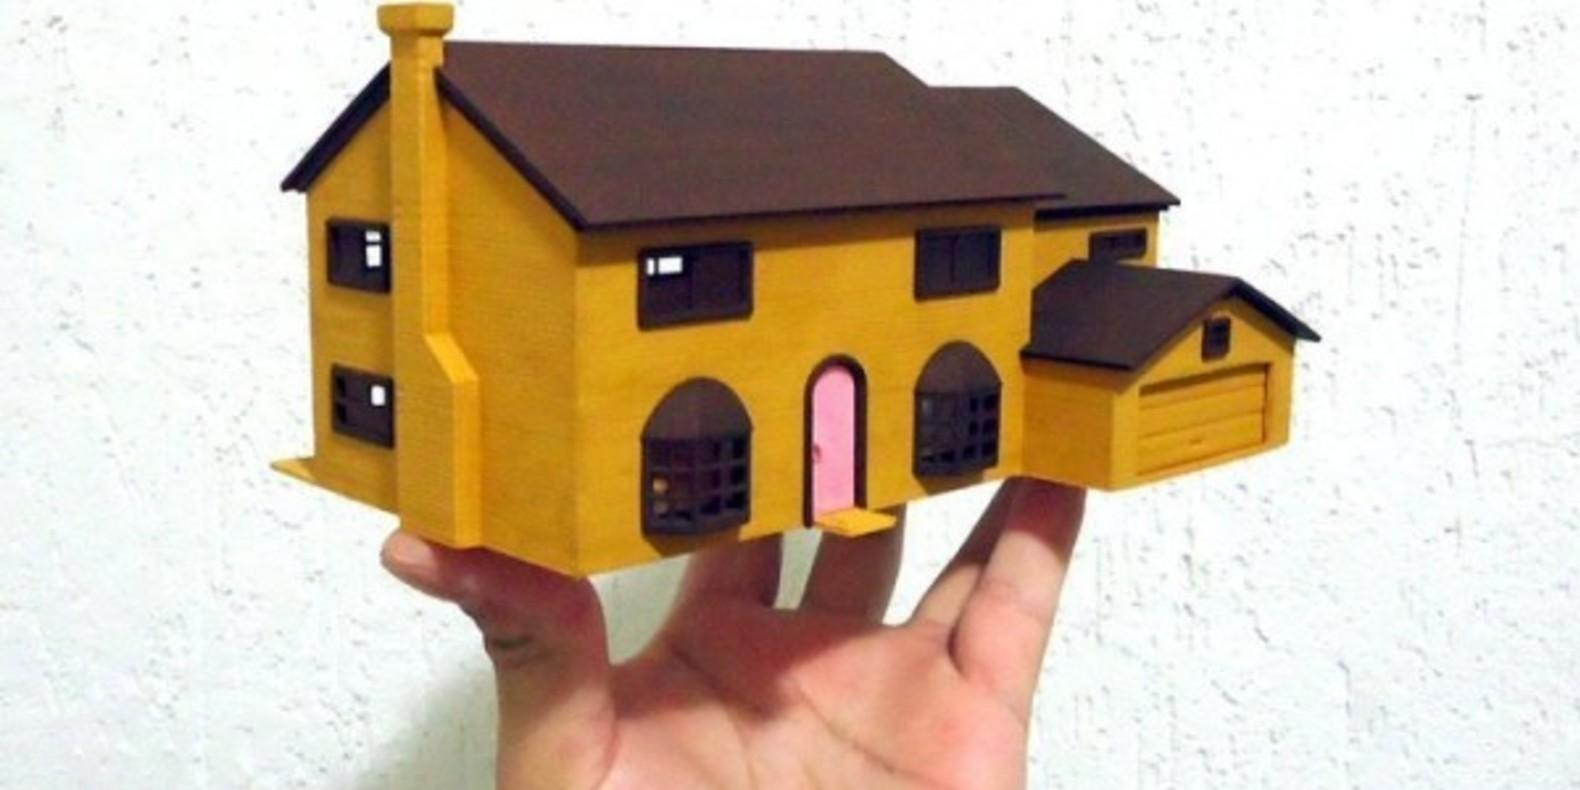 3D Printed Simpson House Cults 1 maison des Simpson